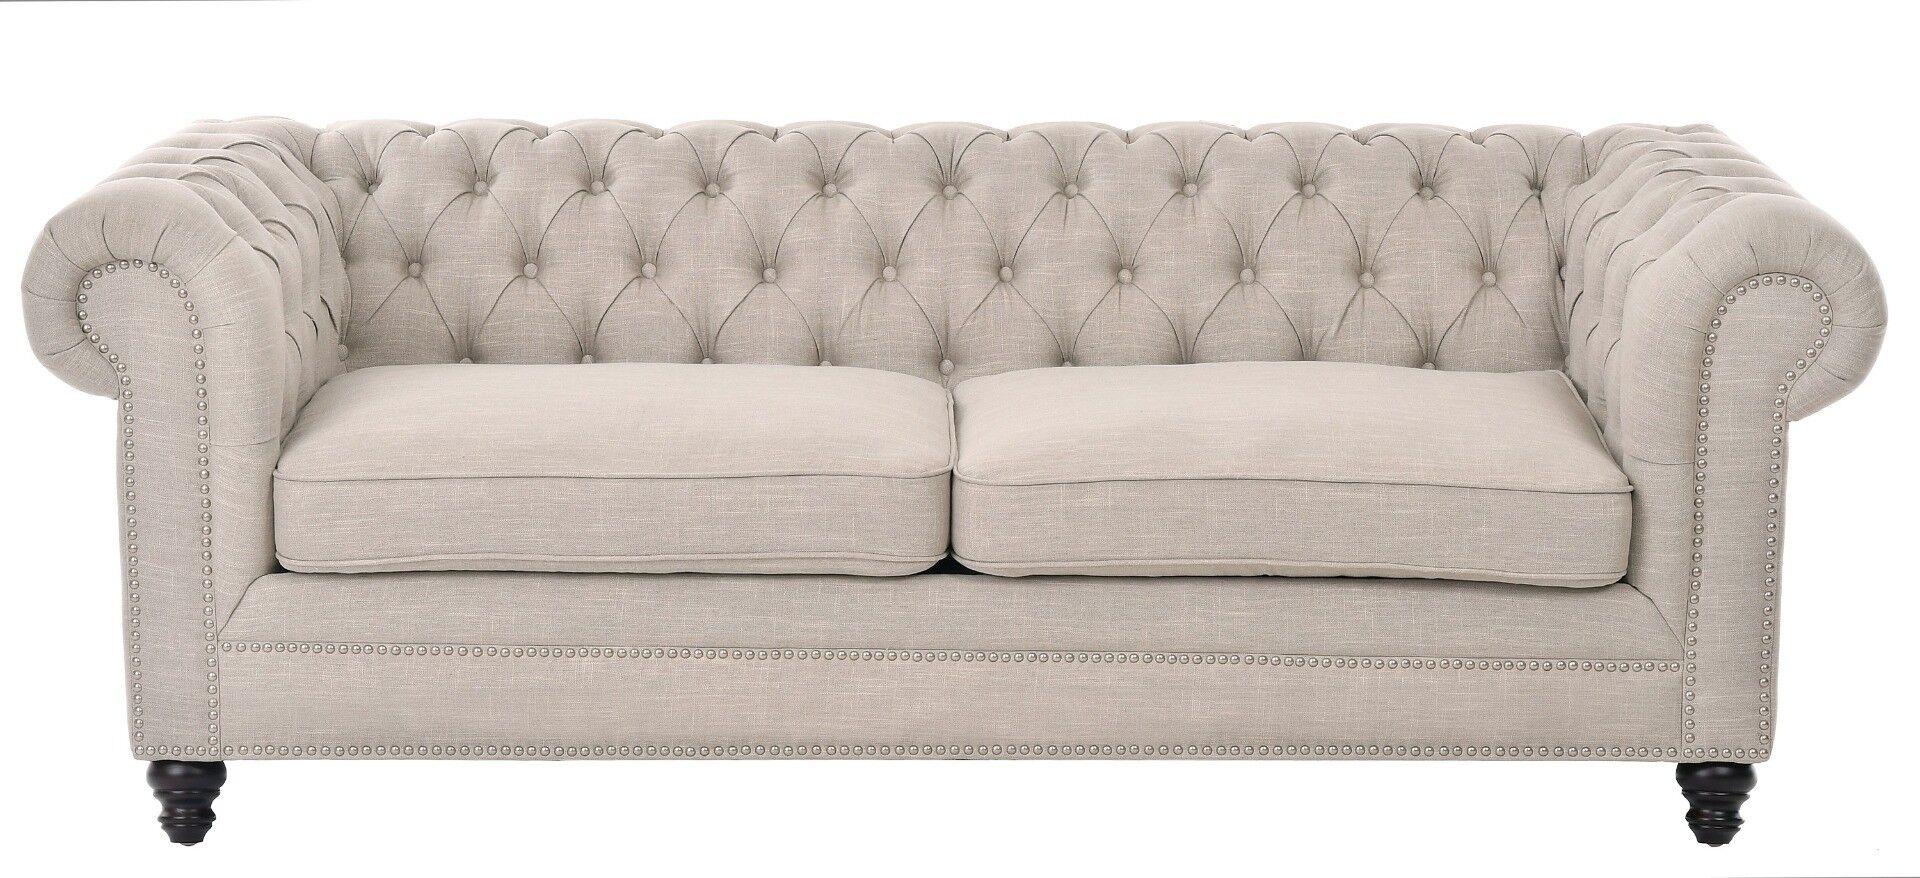 Sofa rozkładana Chester 220x96x78cm